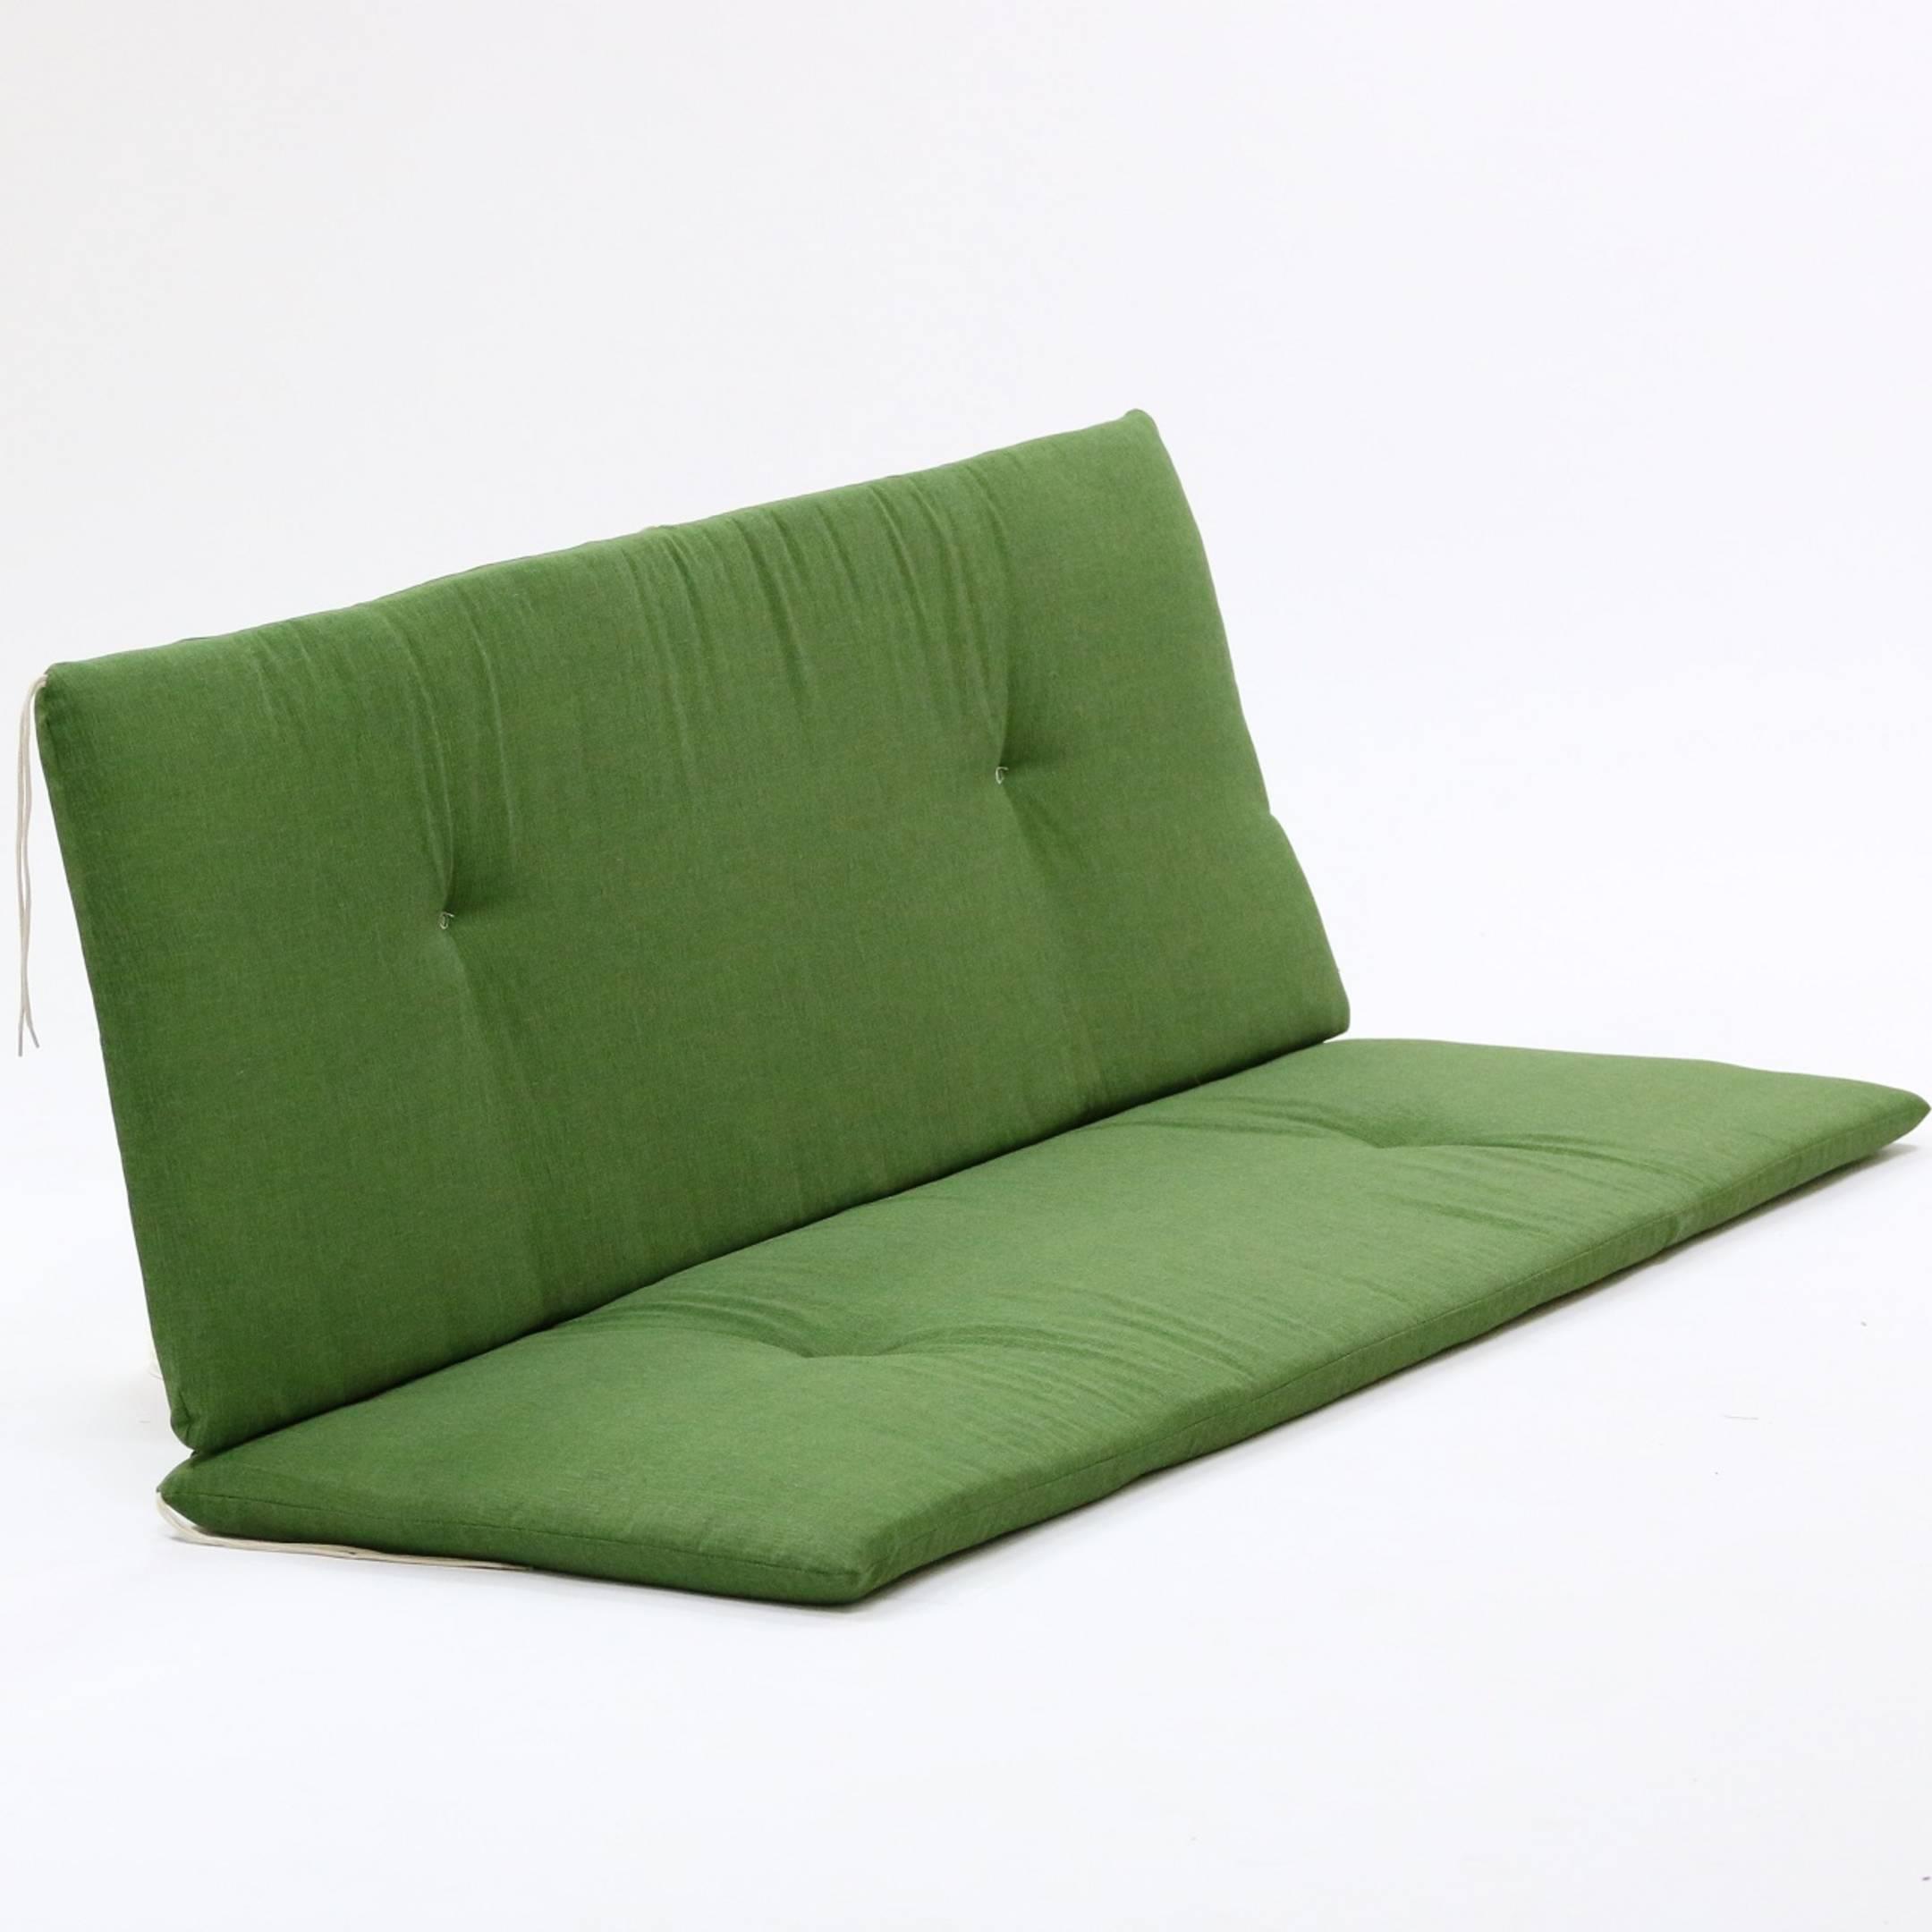 hollywoodschaukel auflagenset 170 cm lang 5 cm dick. Black Bedroom Furniture Sets. Home Design Ideas